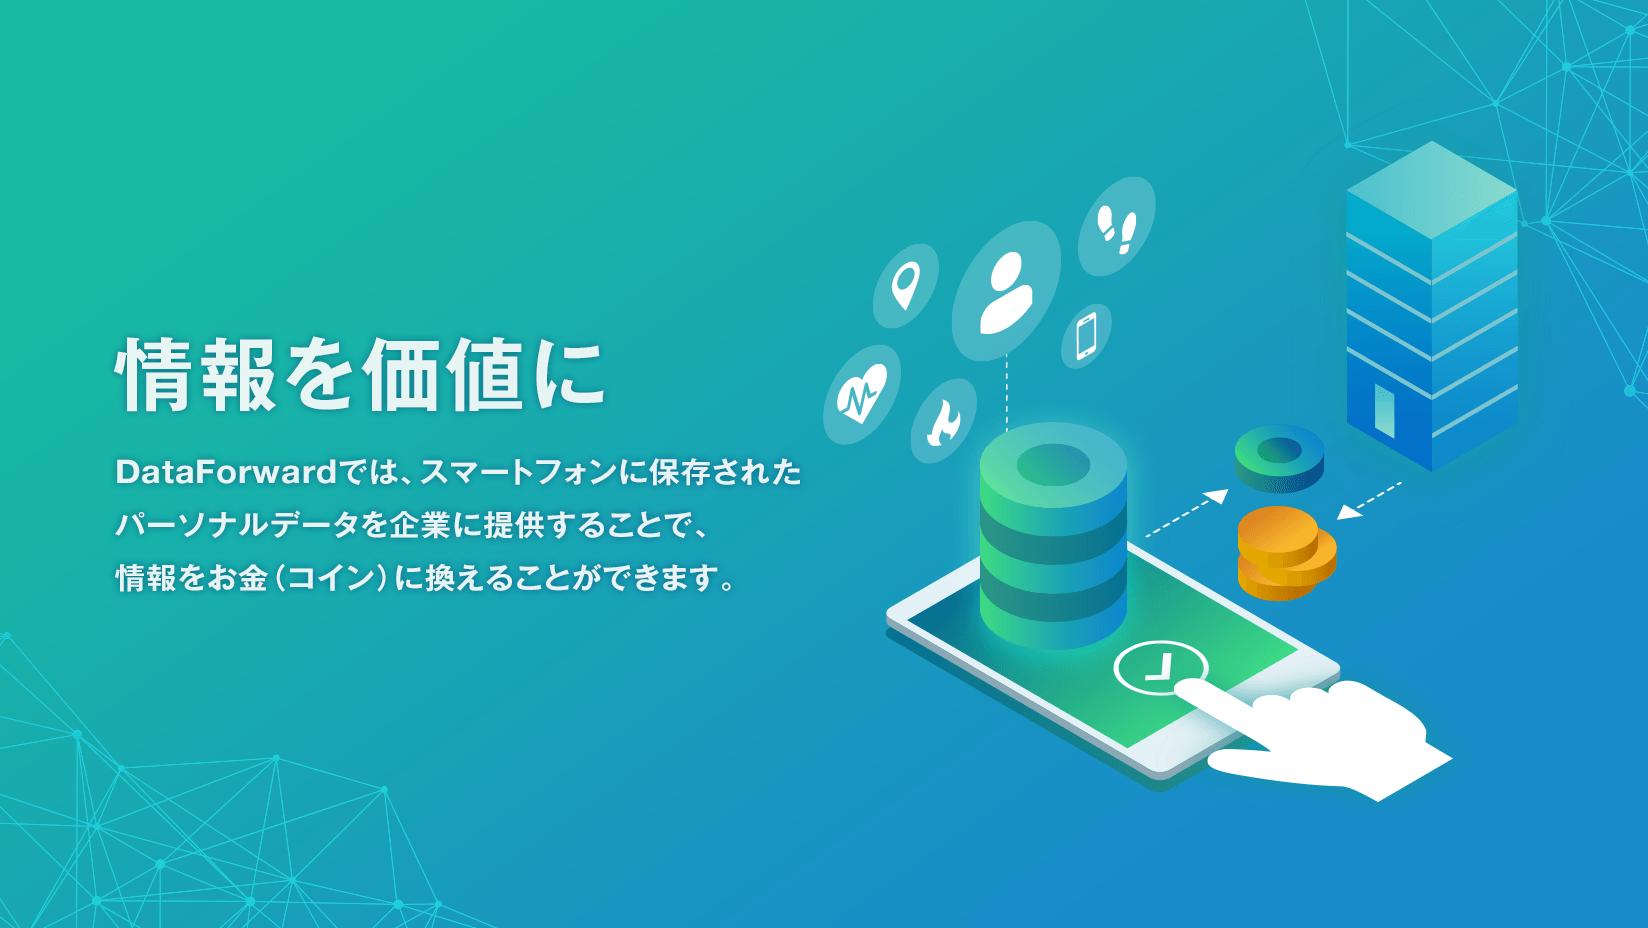 Data Forward